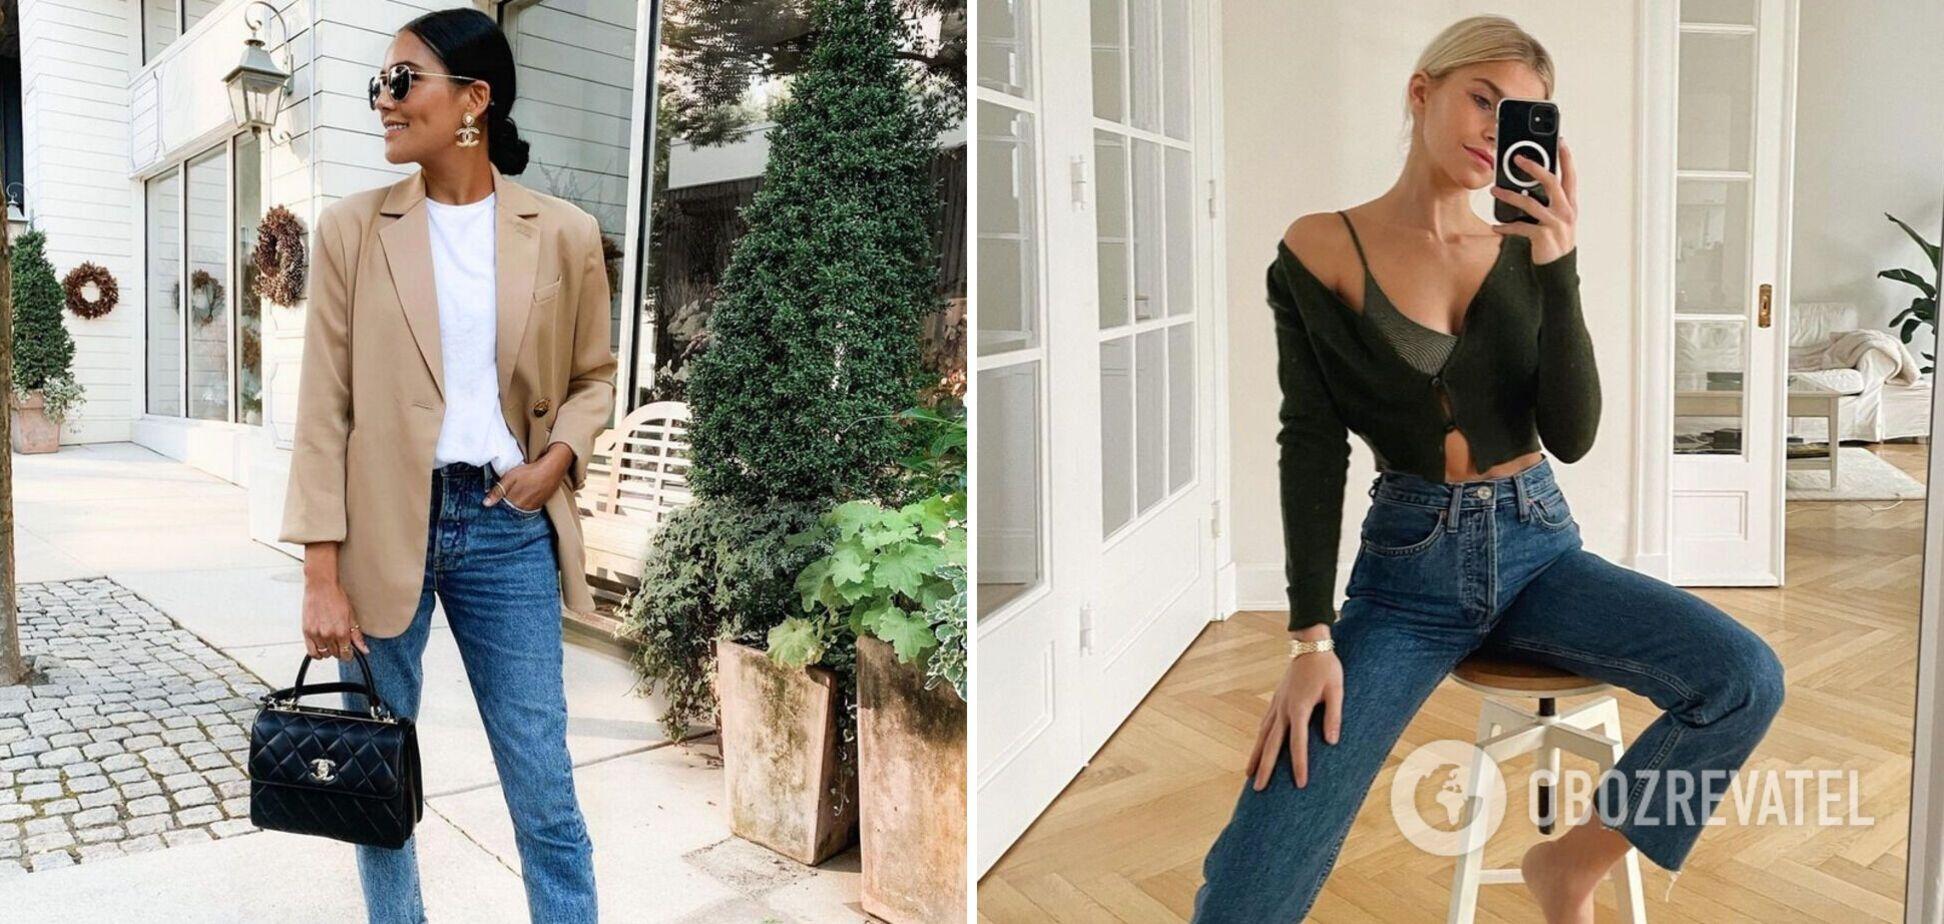 Як створити базовий гардероб і поєднувати його з трендами сезону: прості поради стилістки